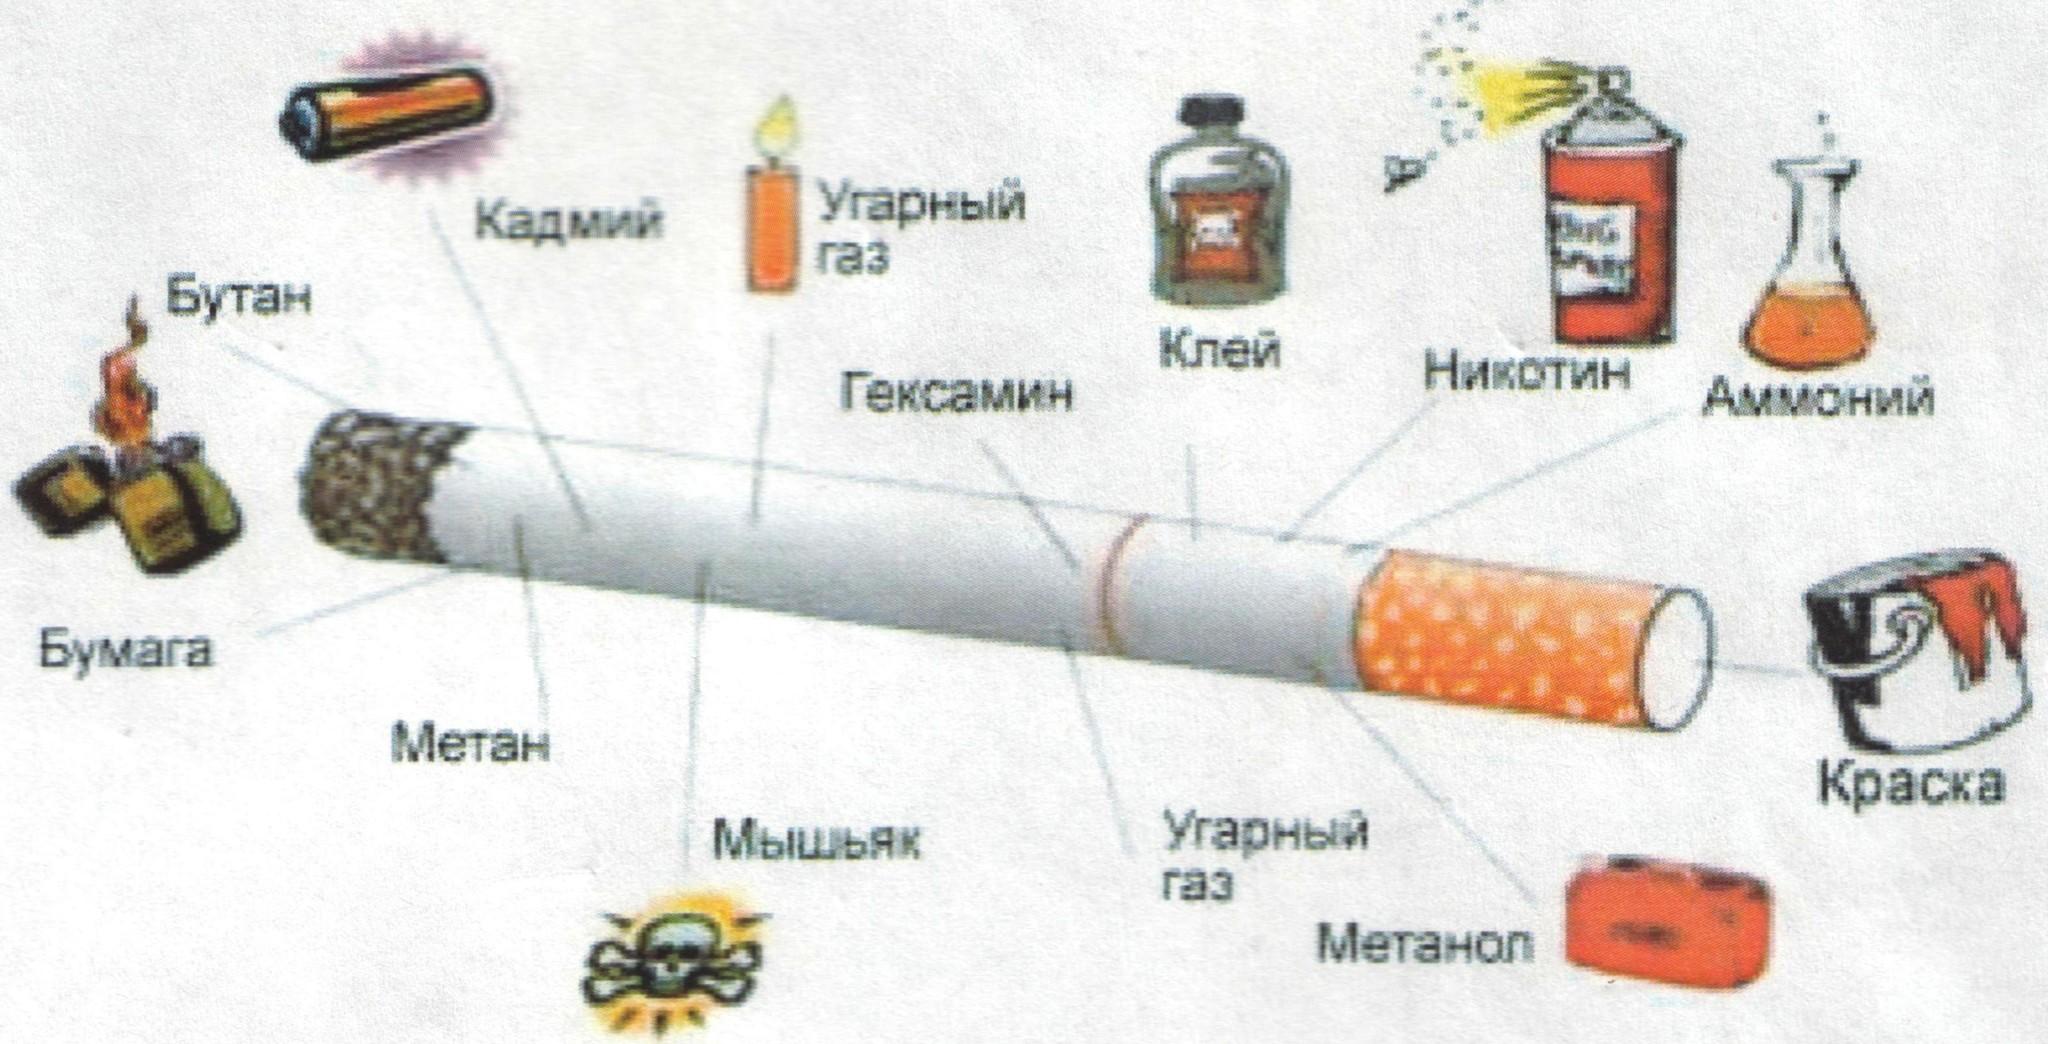 Что делать если мама с папой курят? В день по 3-4 сигареты, и мне их жалко